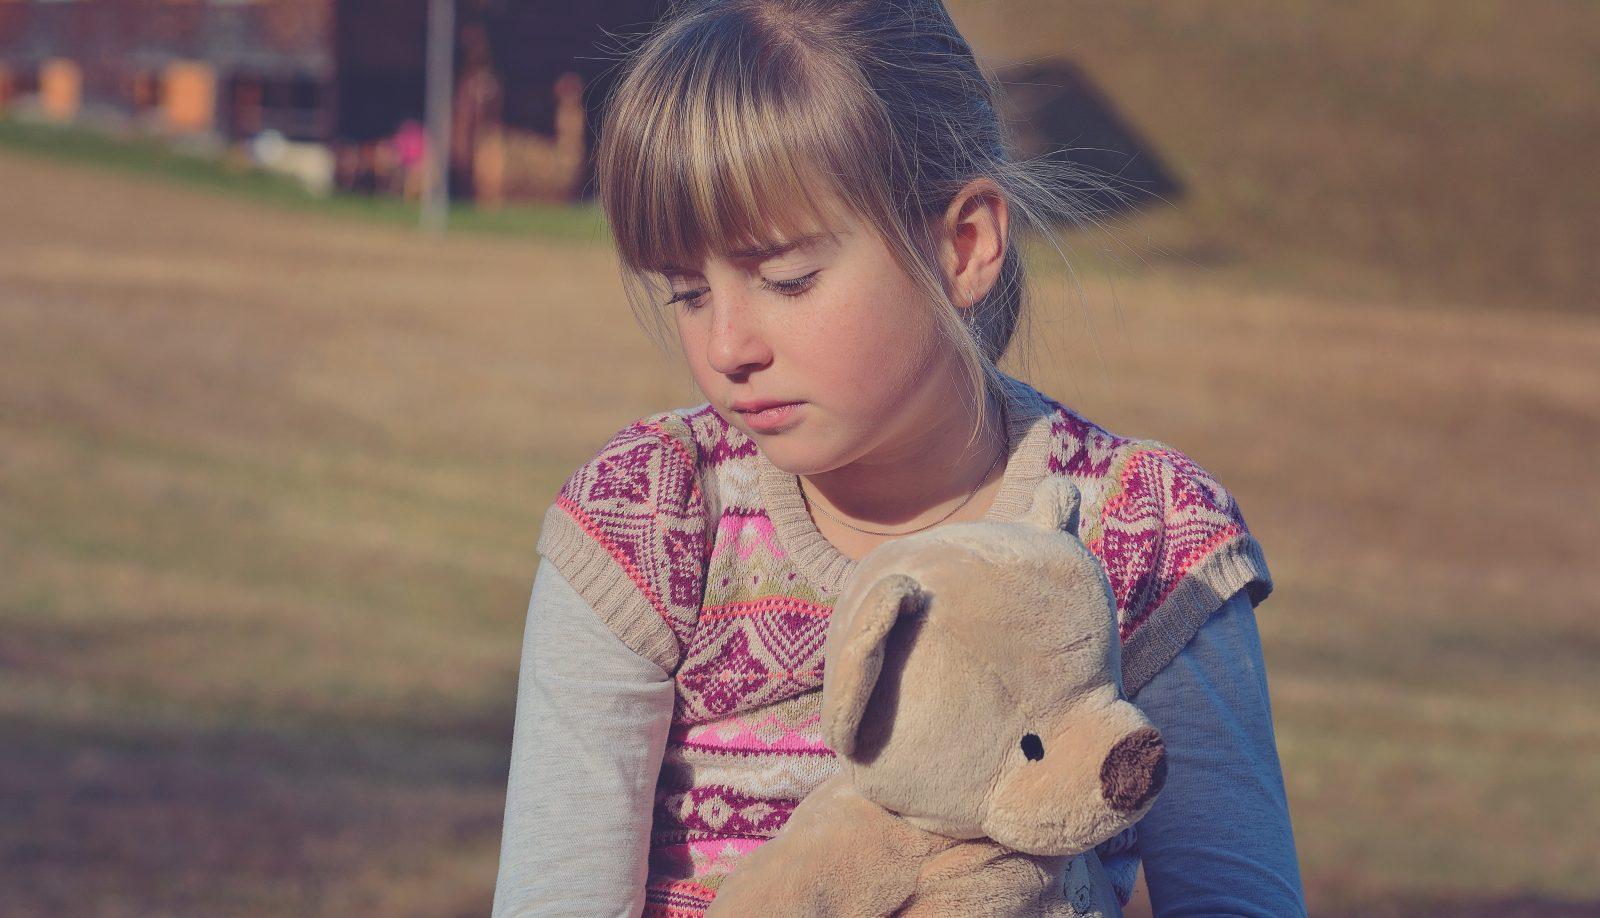 Közvetítés a gyerek–gyerek közötti konfliktusban az értő figyelem alkalmazásával